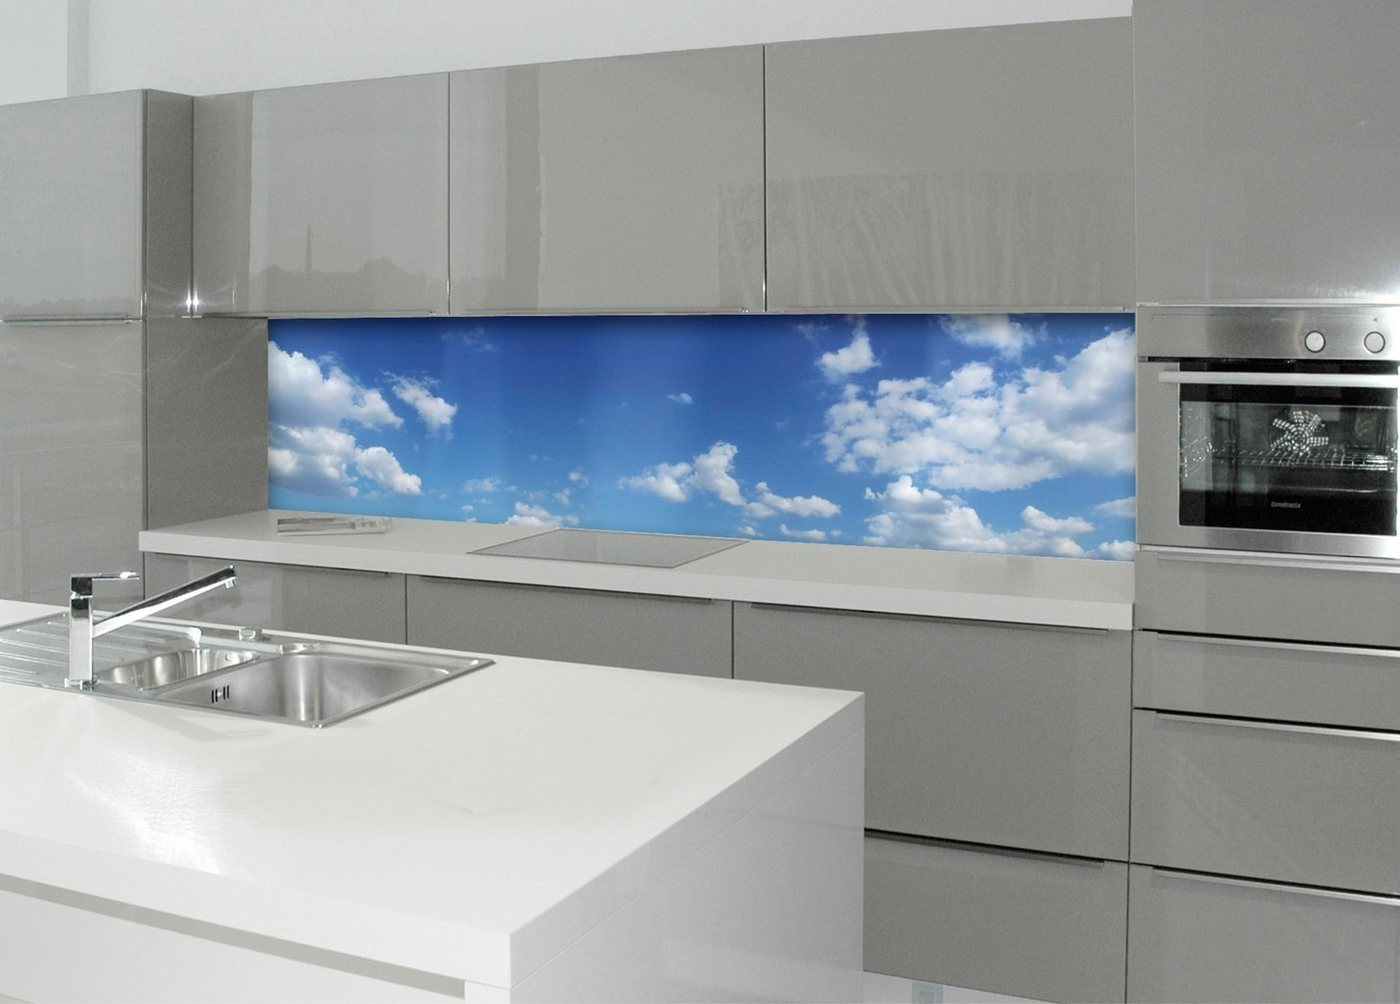 Küchenrückwand - Spritzschutz »profix«, Himmel, 220x60 cm